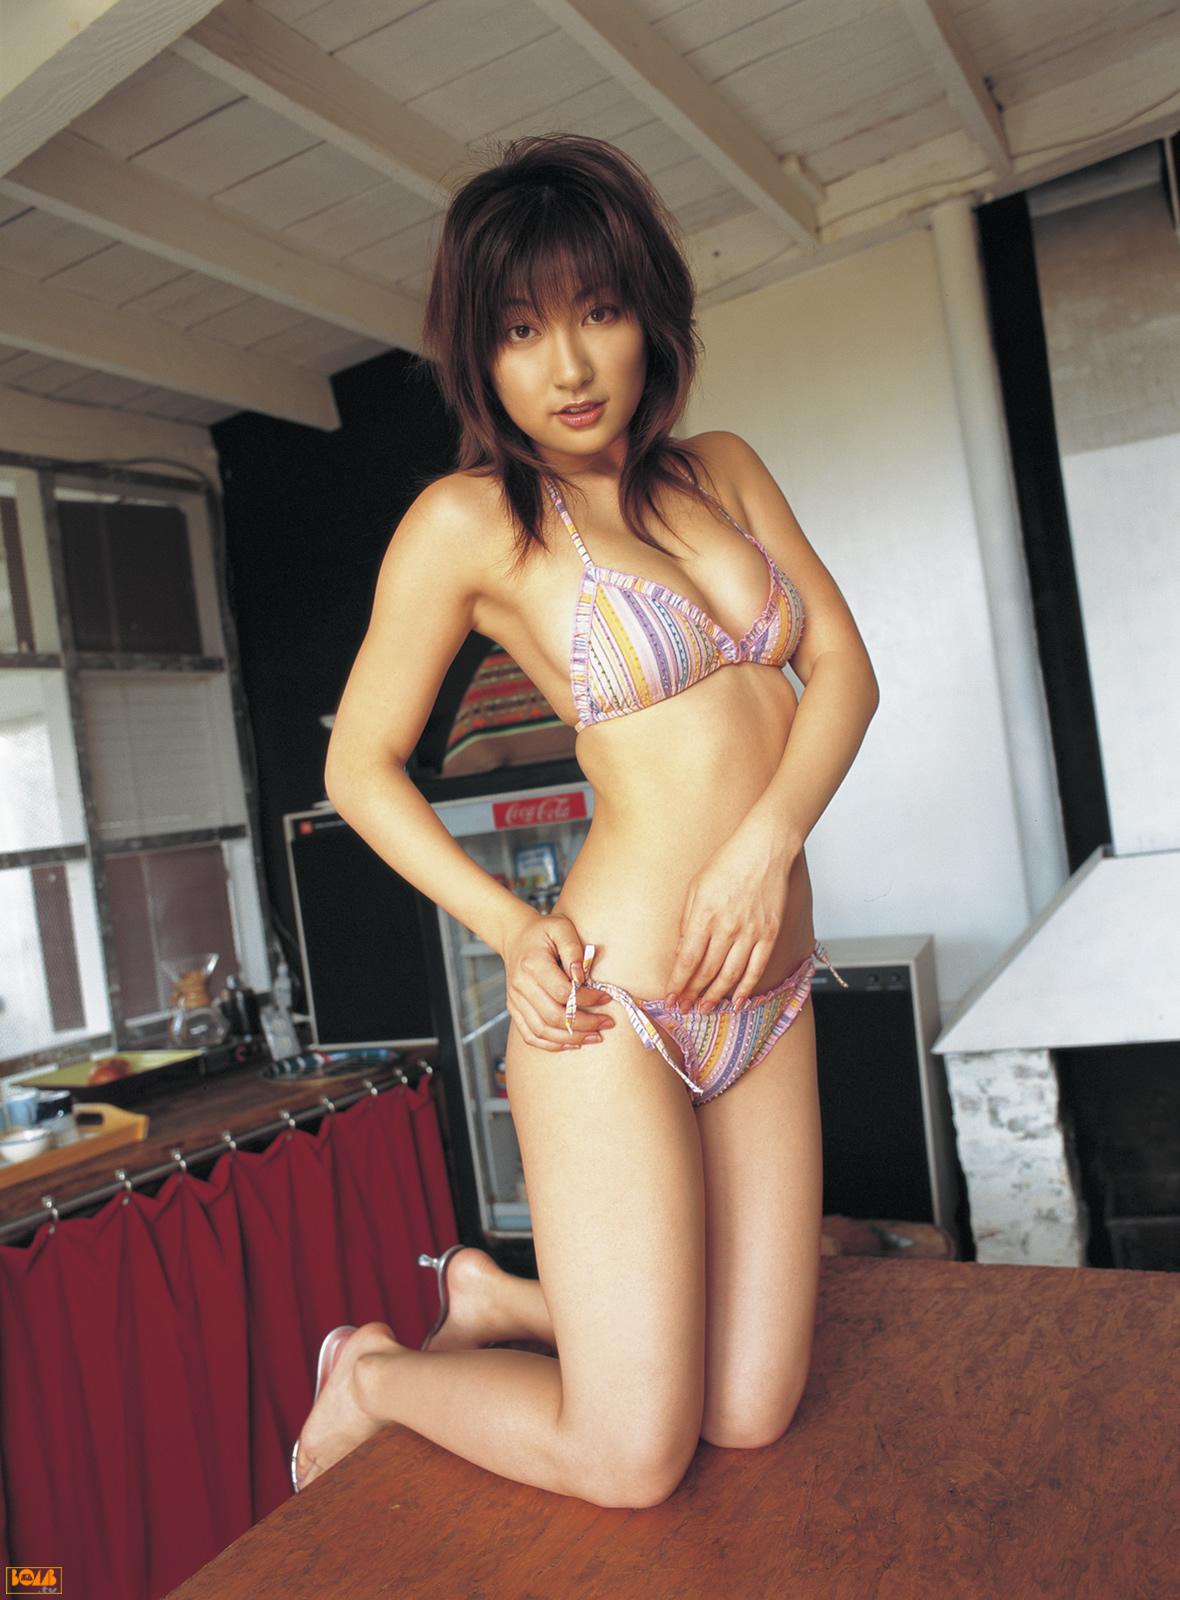 [FP] [BOMB.tv] 2005.02 Yoko Kumada 熊田曜子 09030